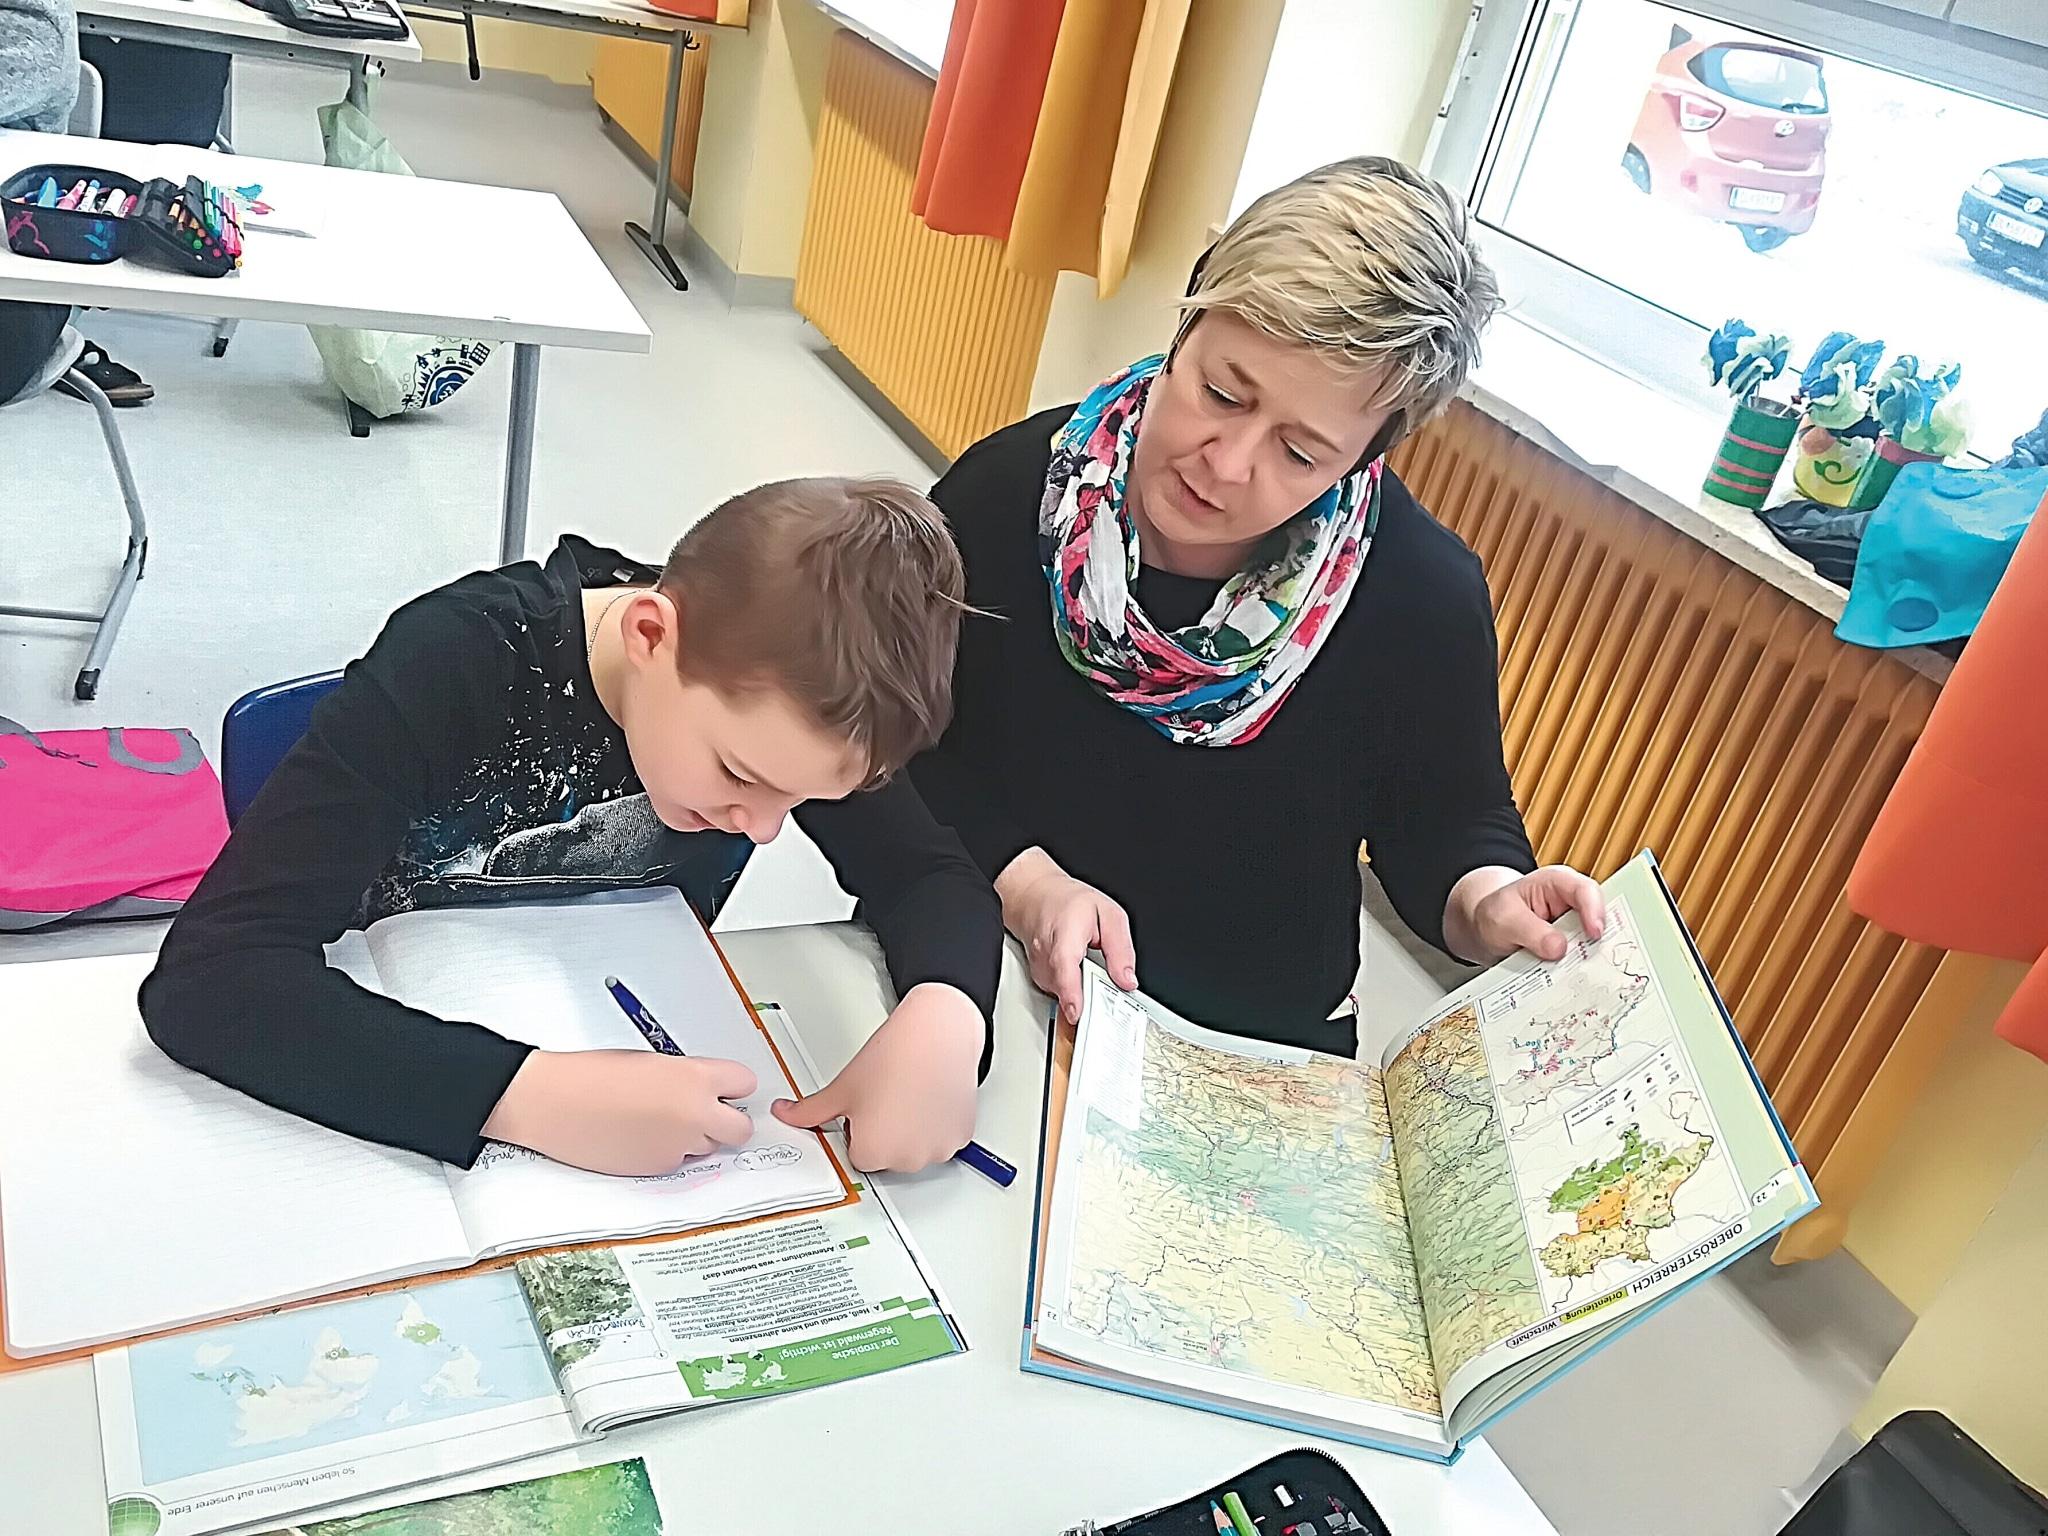 Hilfe bei den Hausaufgaben